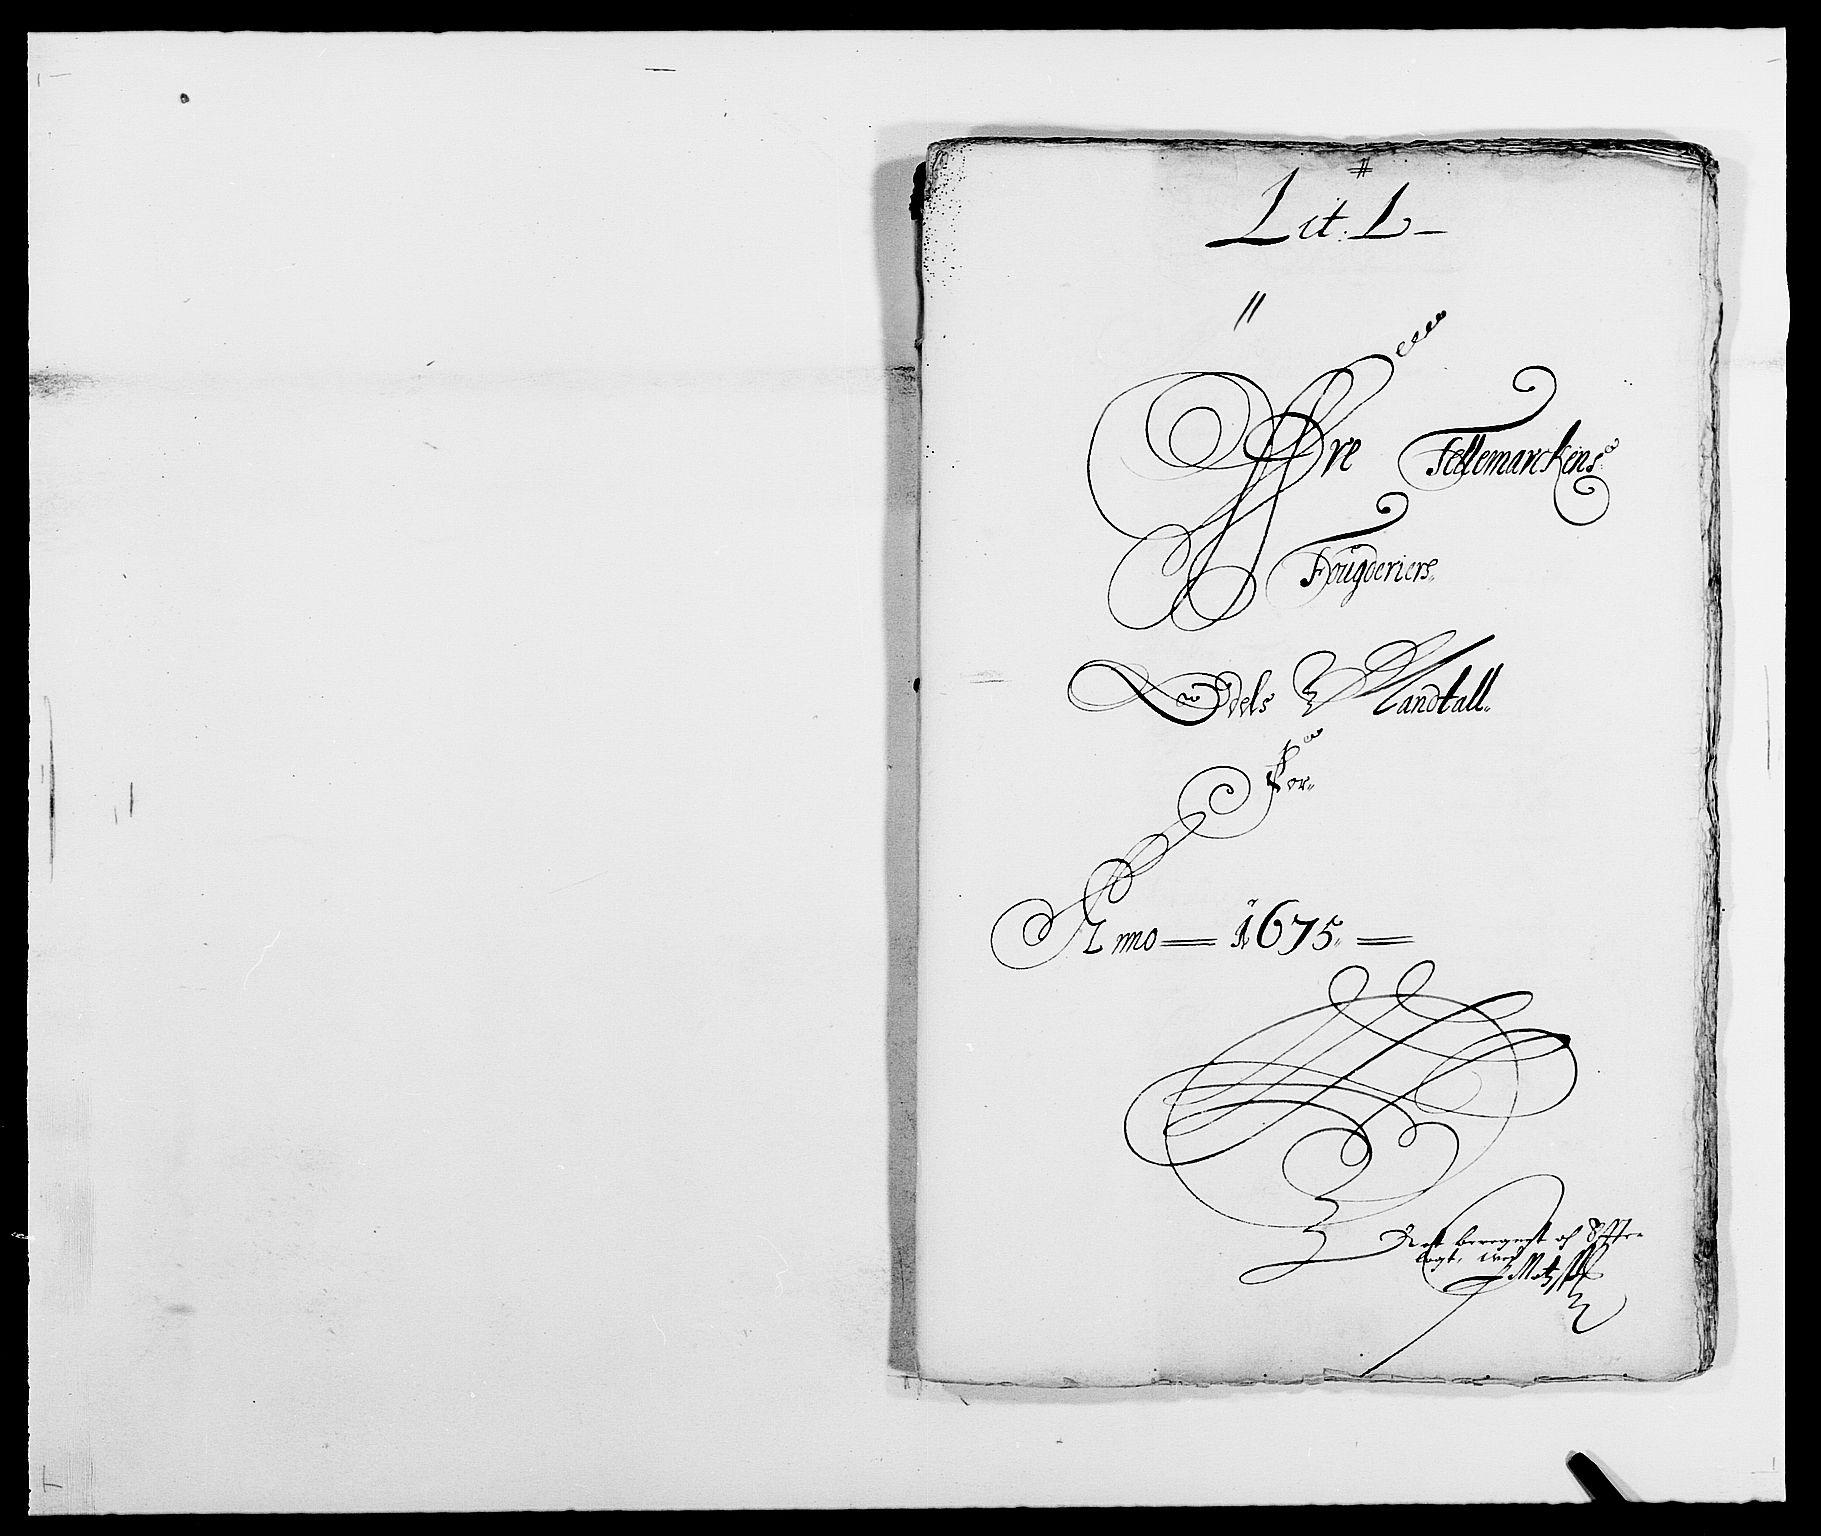 RA, Rentekammeret inntil 1814, Reviderte regnskaper, Fogderegnskap, R35/L2063: Fogderegnskap Øvre og Nedre Telemark, 1675, s. 314